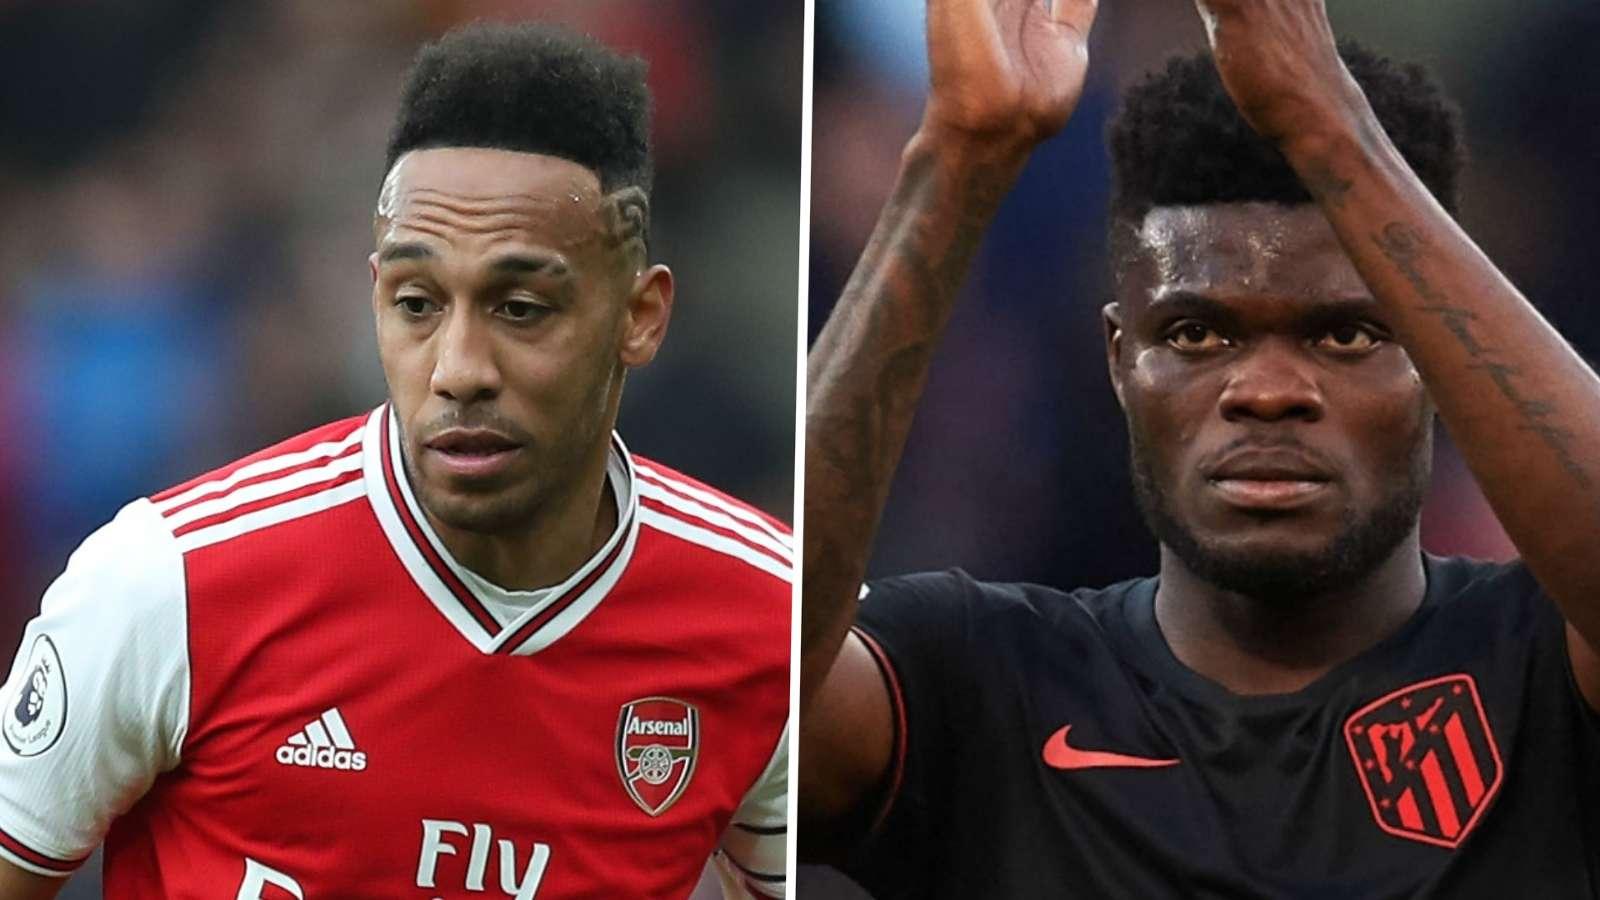 萨哈:建议奥巴梅扬来曼联,红魔需要个像法比尼奥的球员  足球话题区